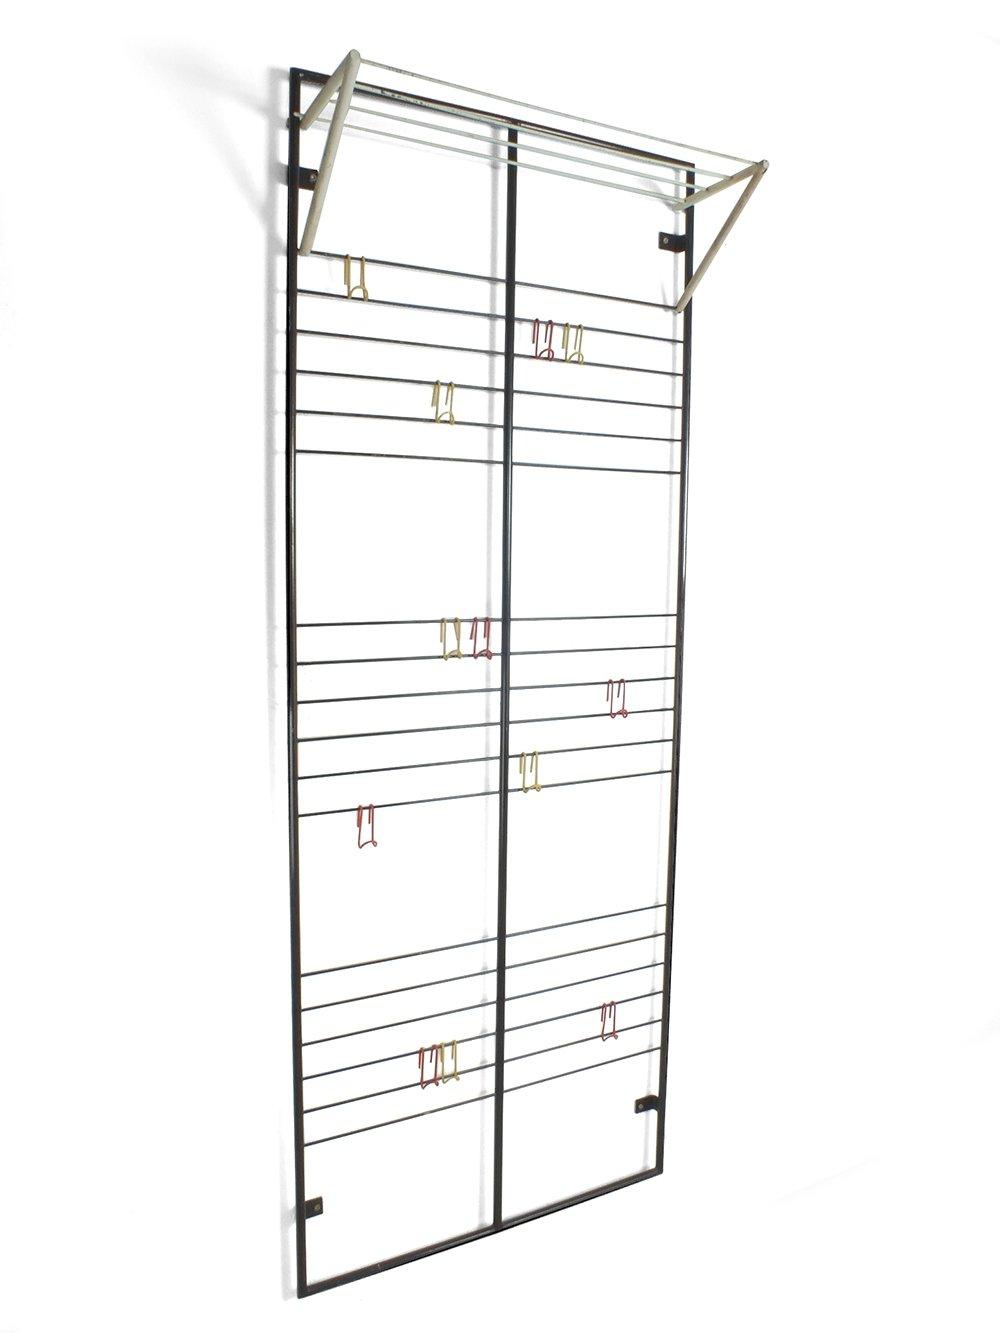 wall or door coat rack with 12 hooks by coen de vries for devo